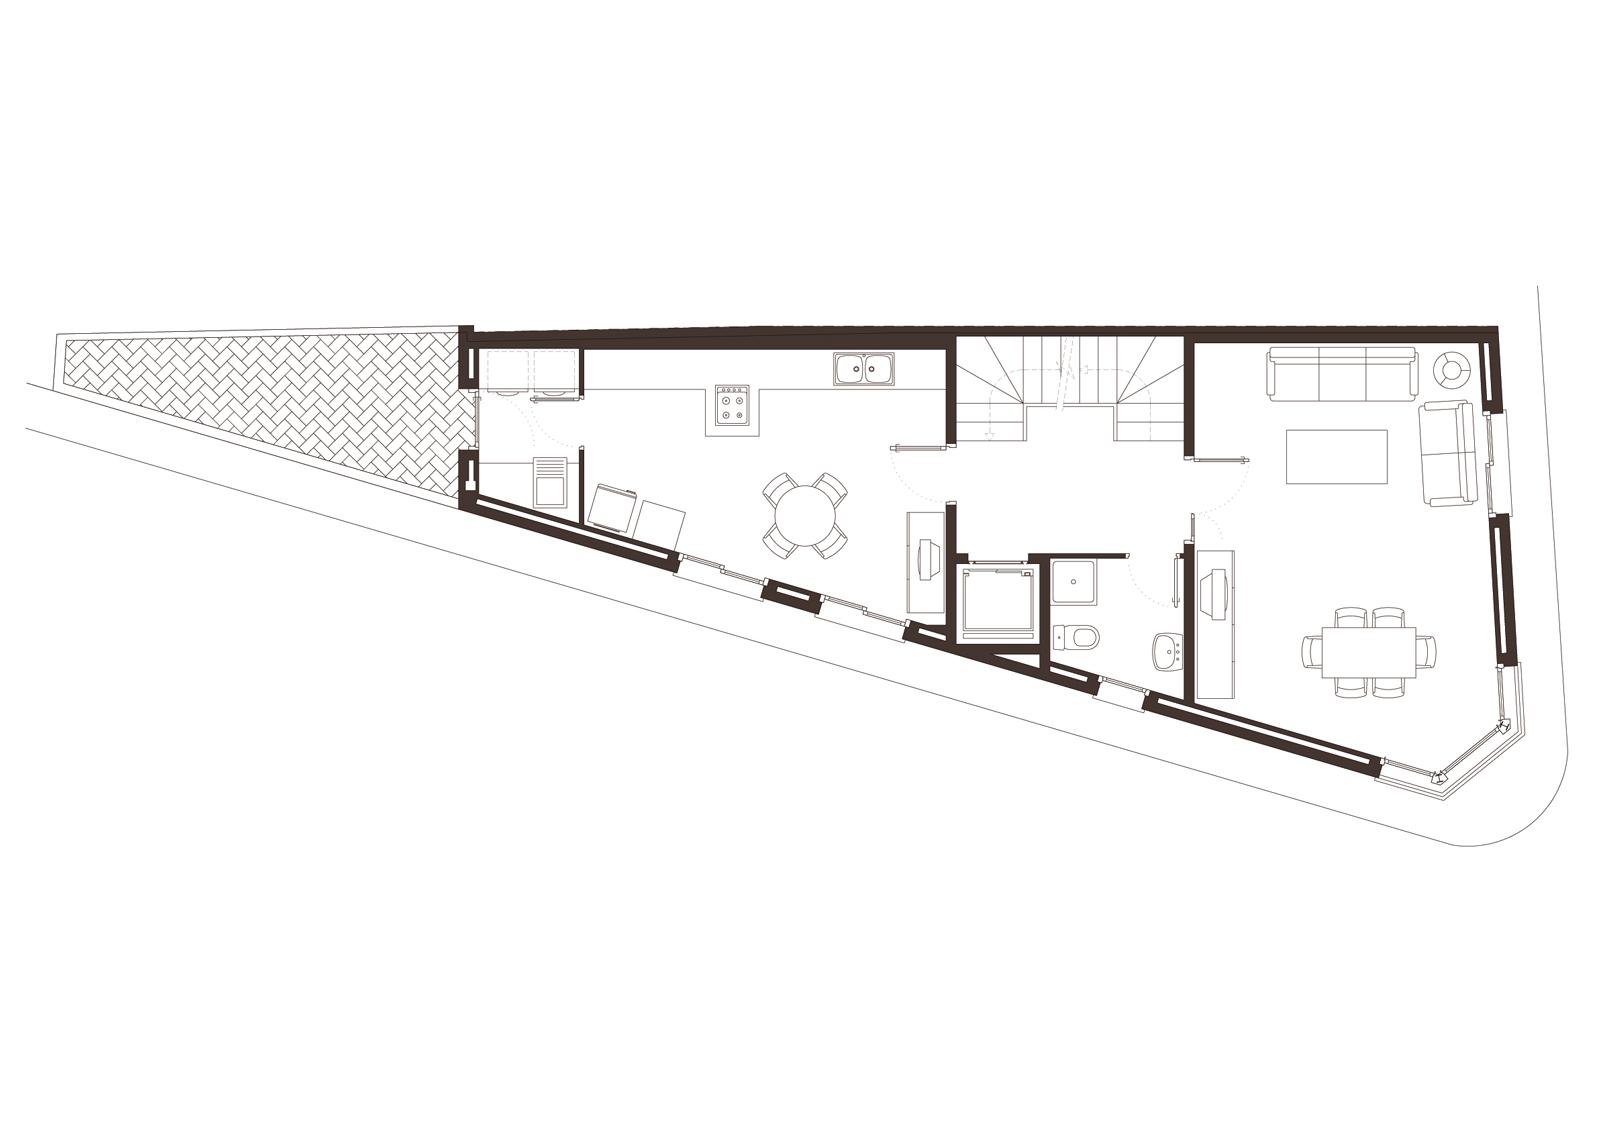 Planta primera. Projecte d'obra nova: 1998 Habitatge unifamiliar cantonada